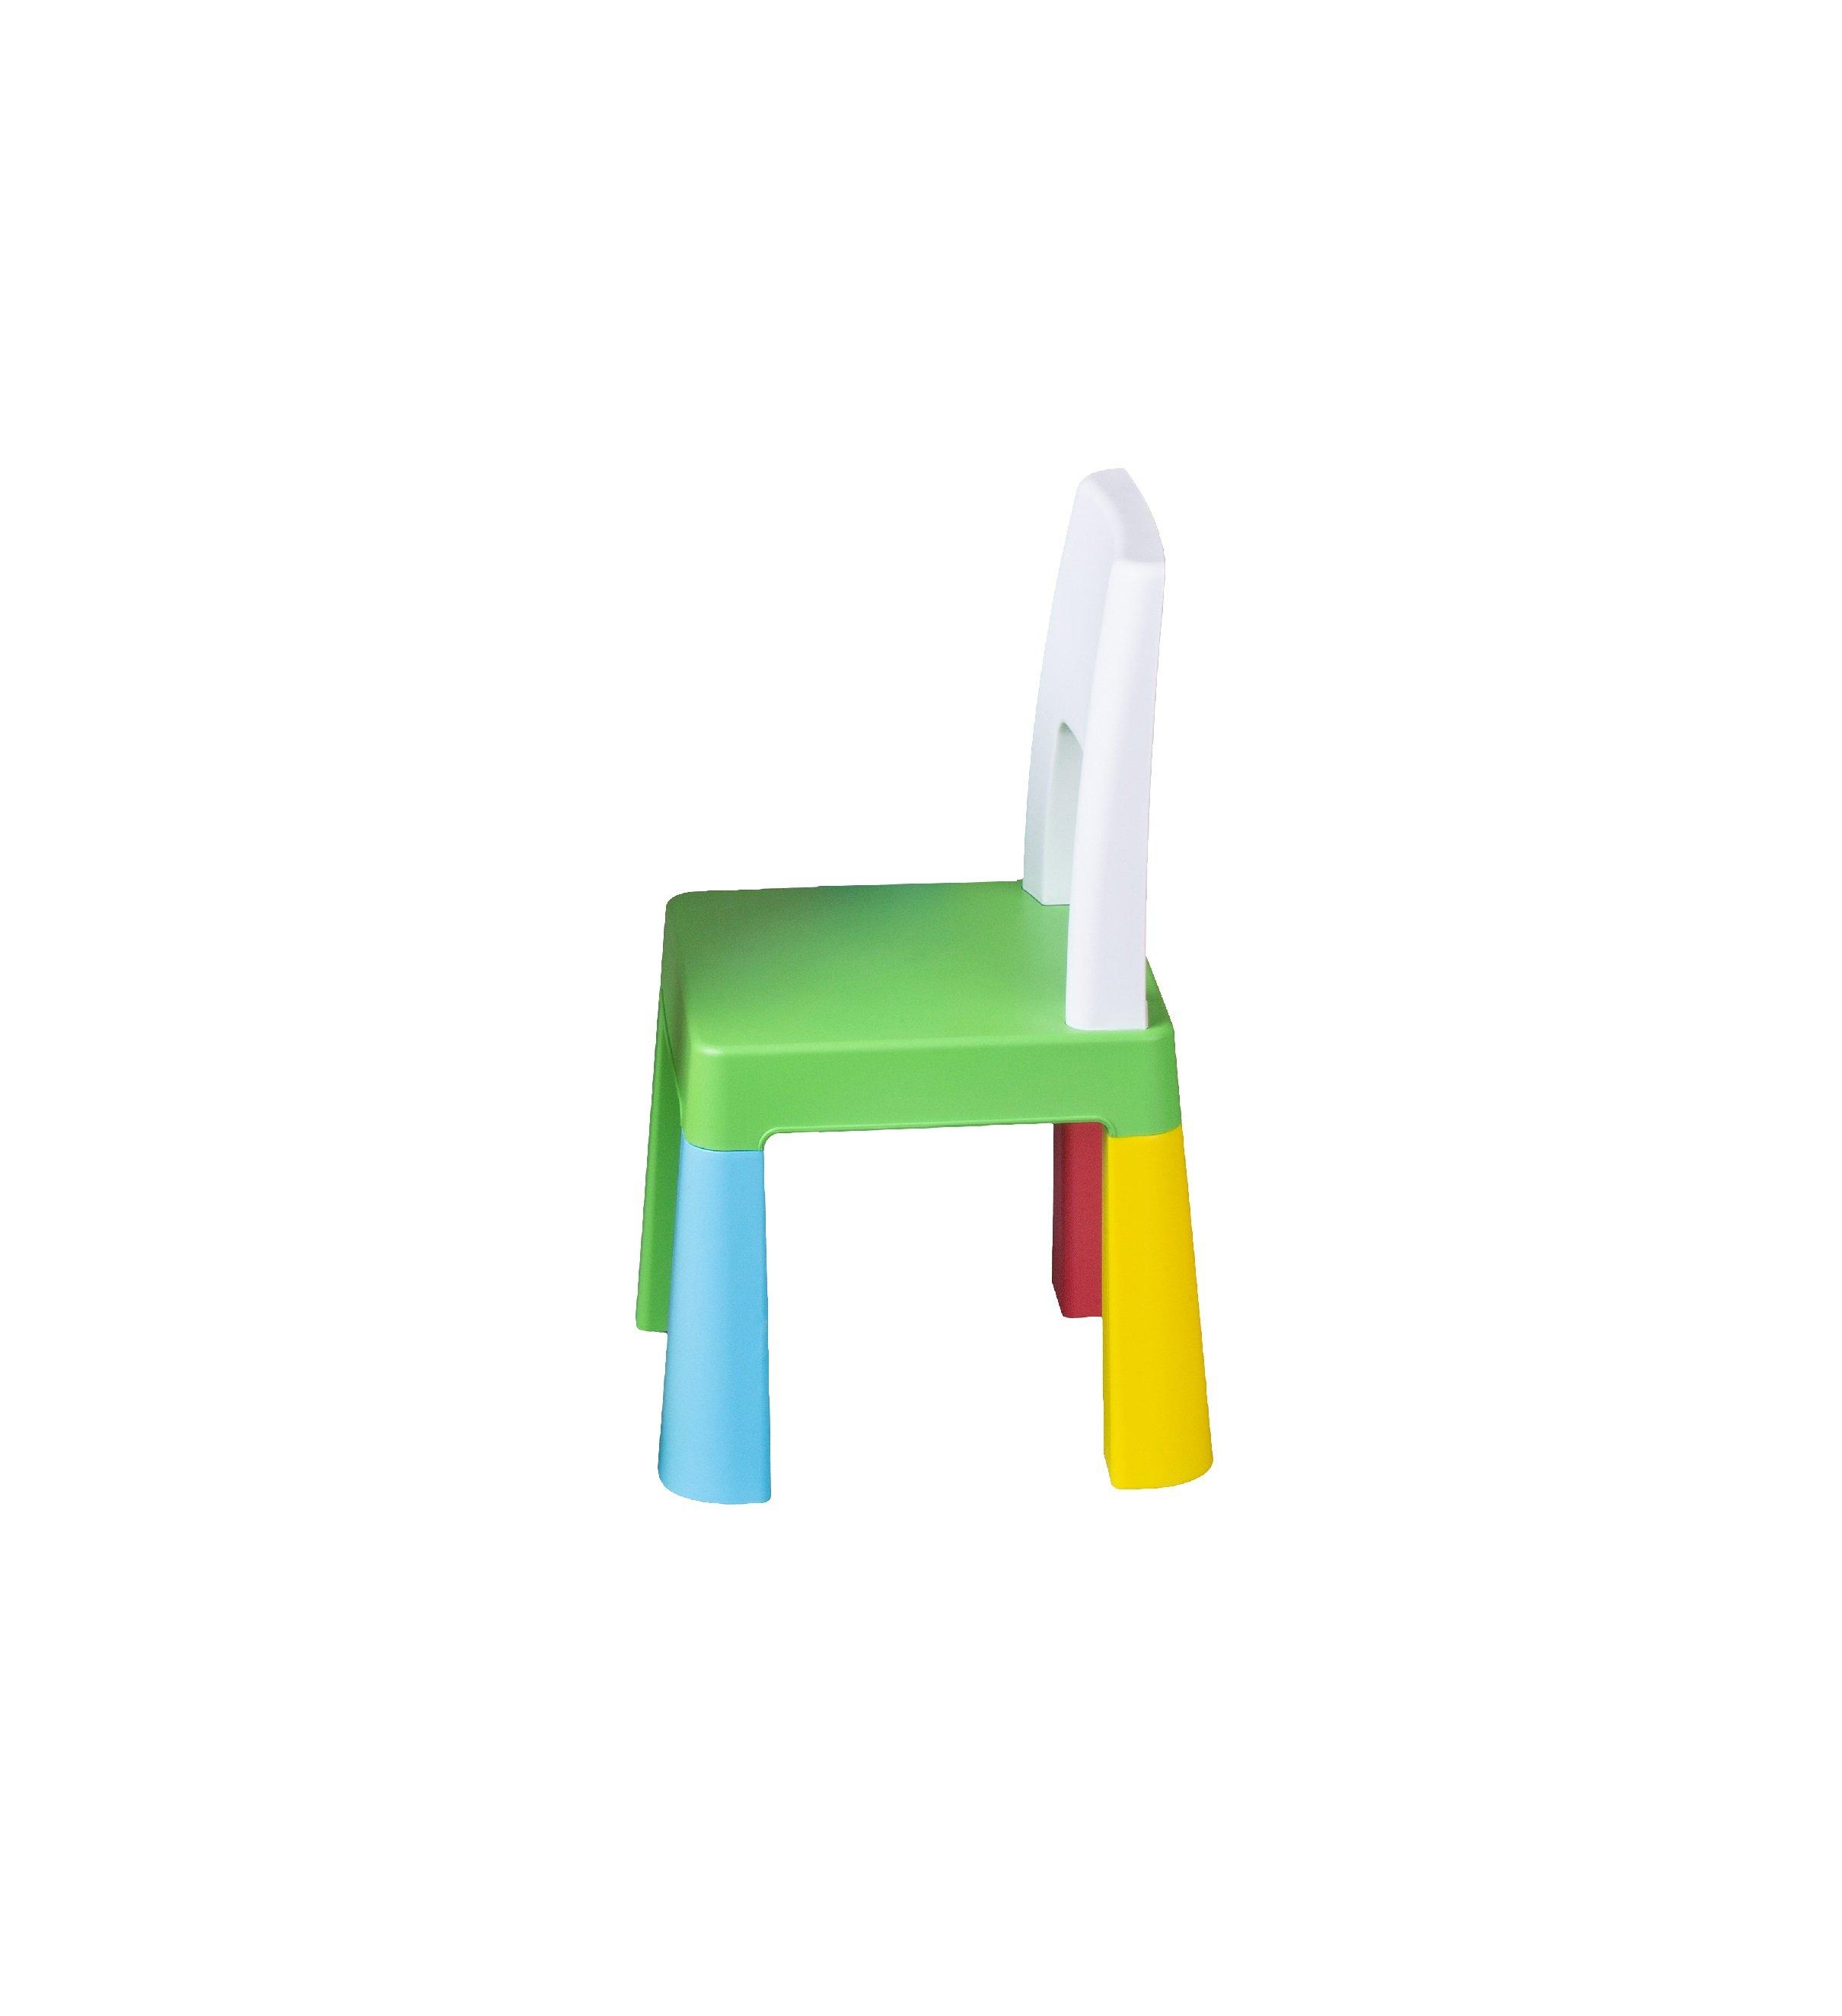 Židlièka ke stoleèku multifun multicolor - zvìtšit obrázek